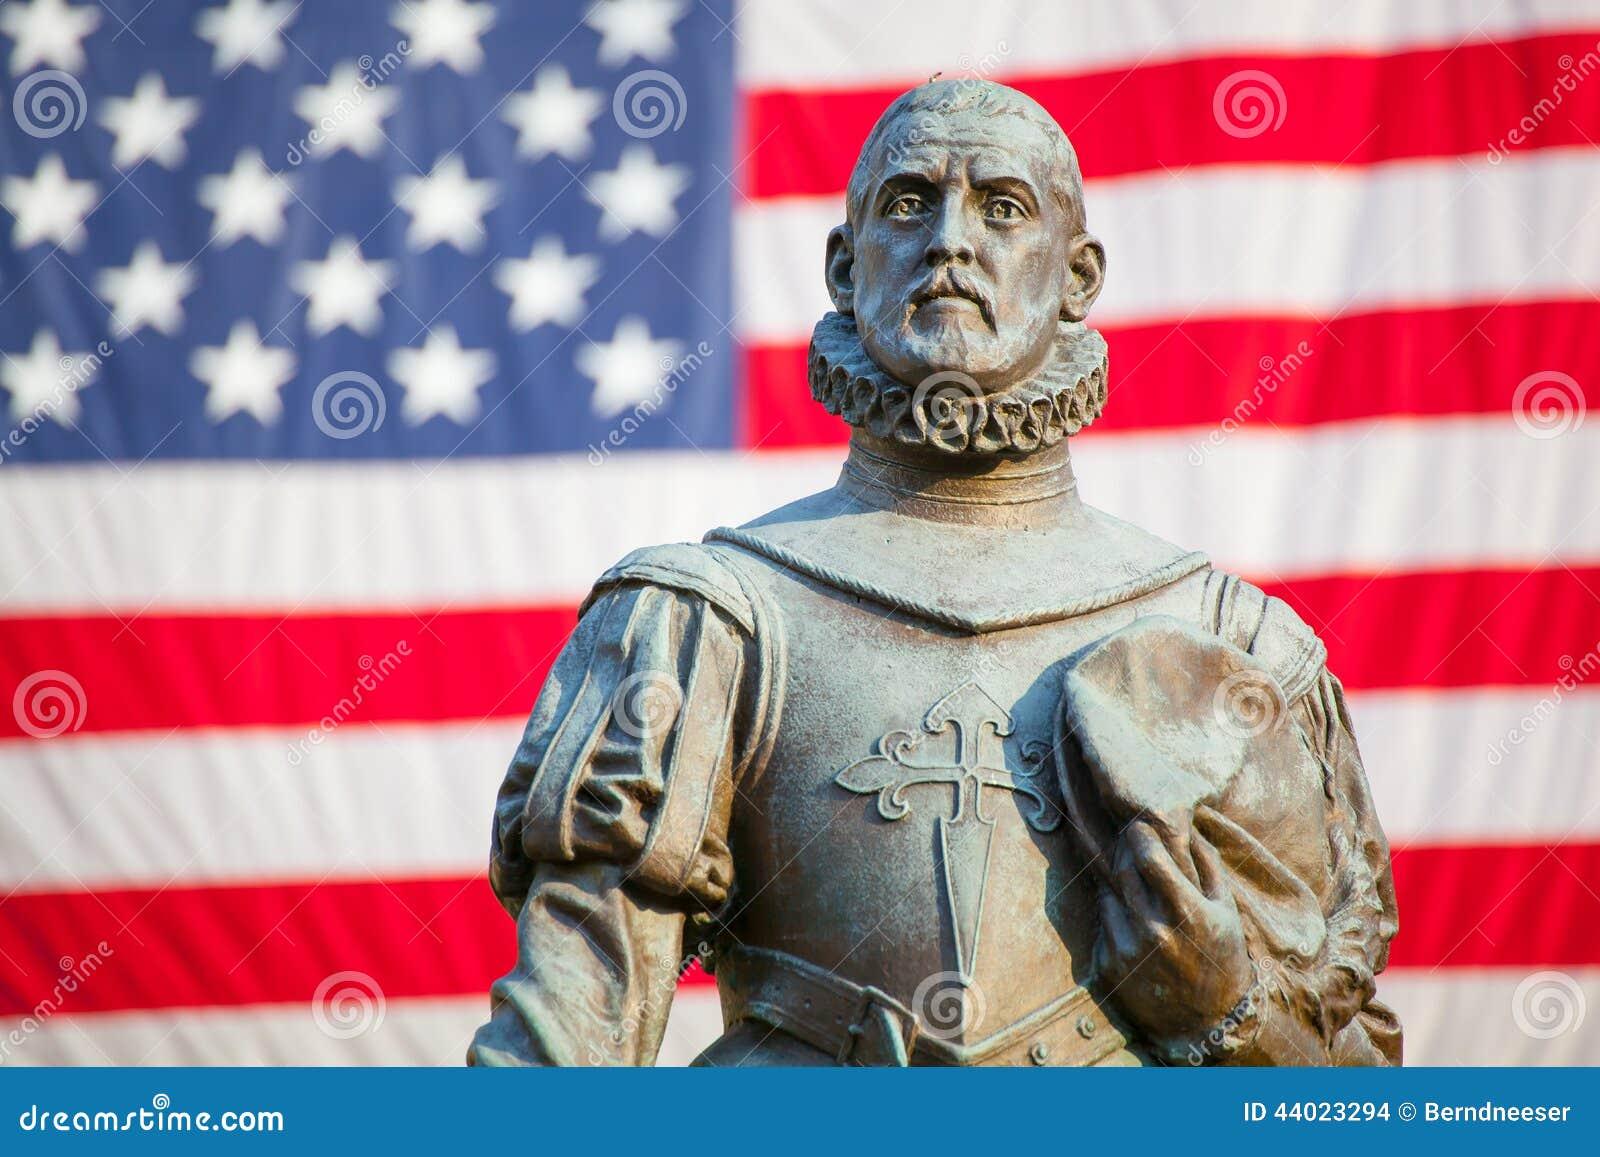 Statue of Pedro Menendez de Aviles, founder of St. Augustine, Florida